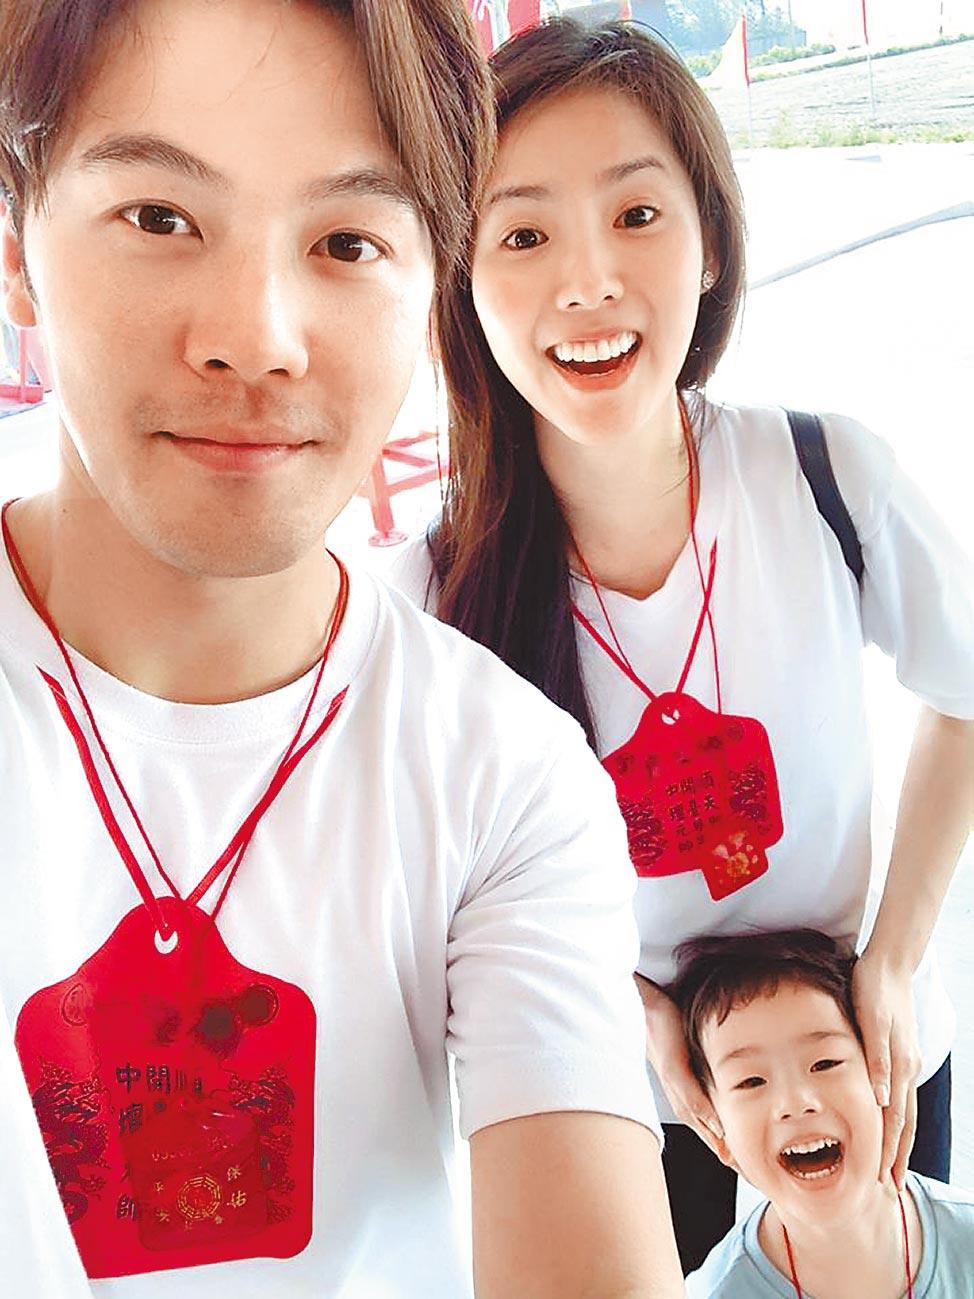 黃文星(左)和老婆育有4歲的兒子「小星」,一家3口幸福美滿。(摘自黃文星臉書)